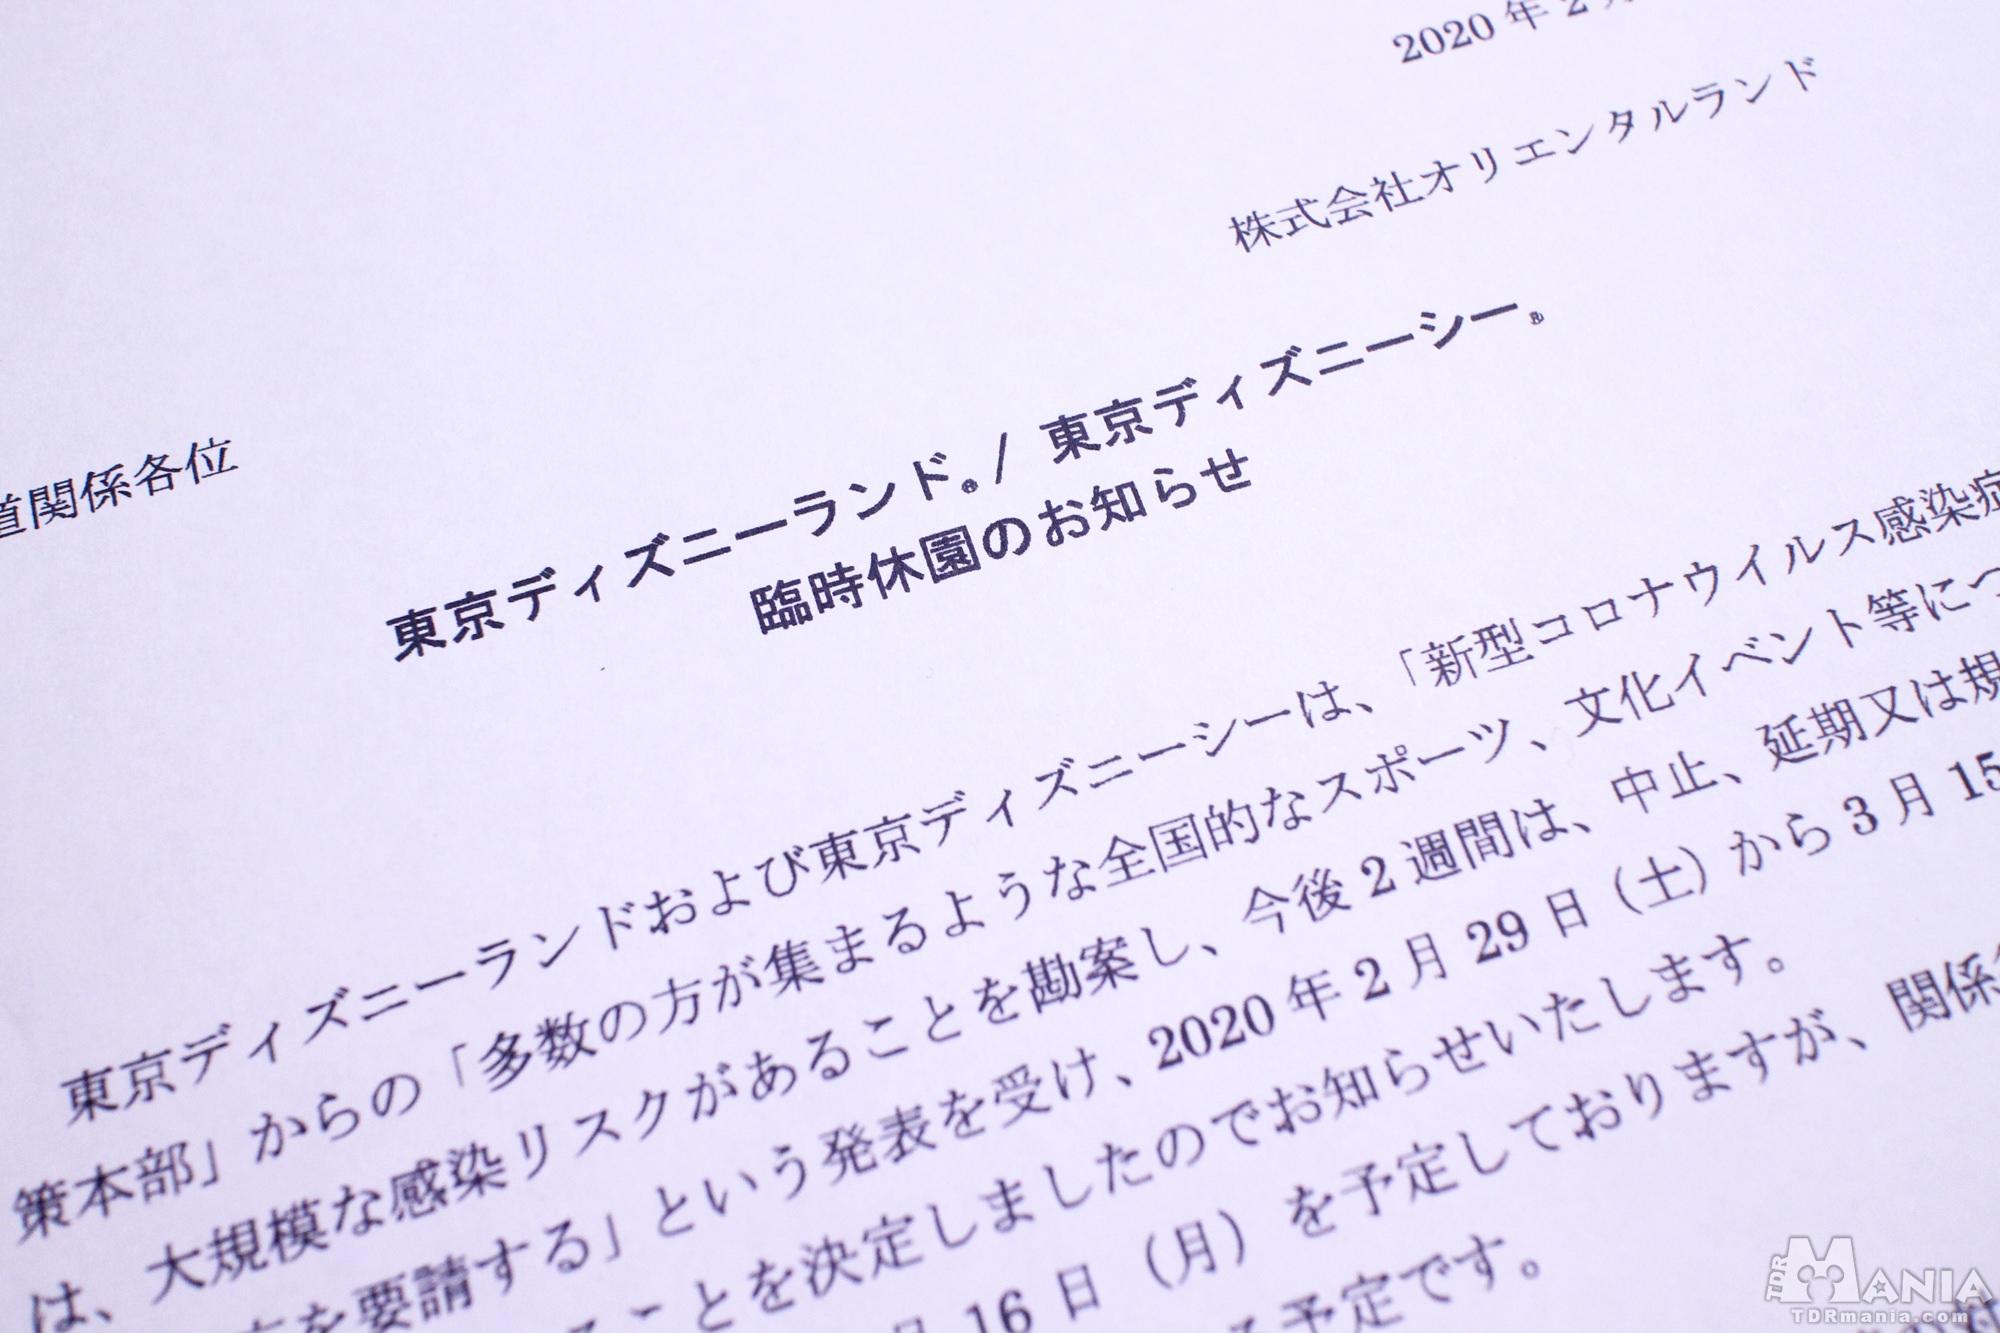 東京ディズニーリゾート コロナ 臨時休園